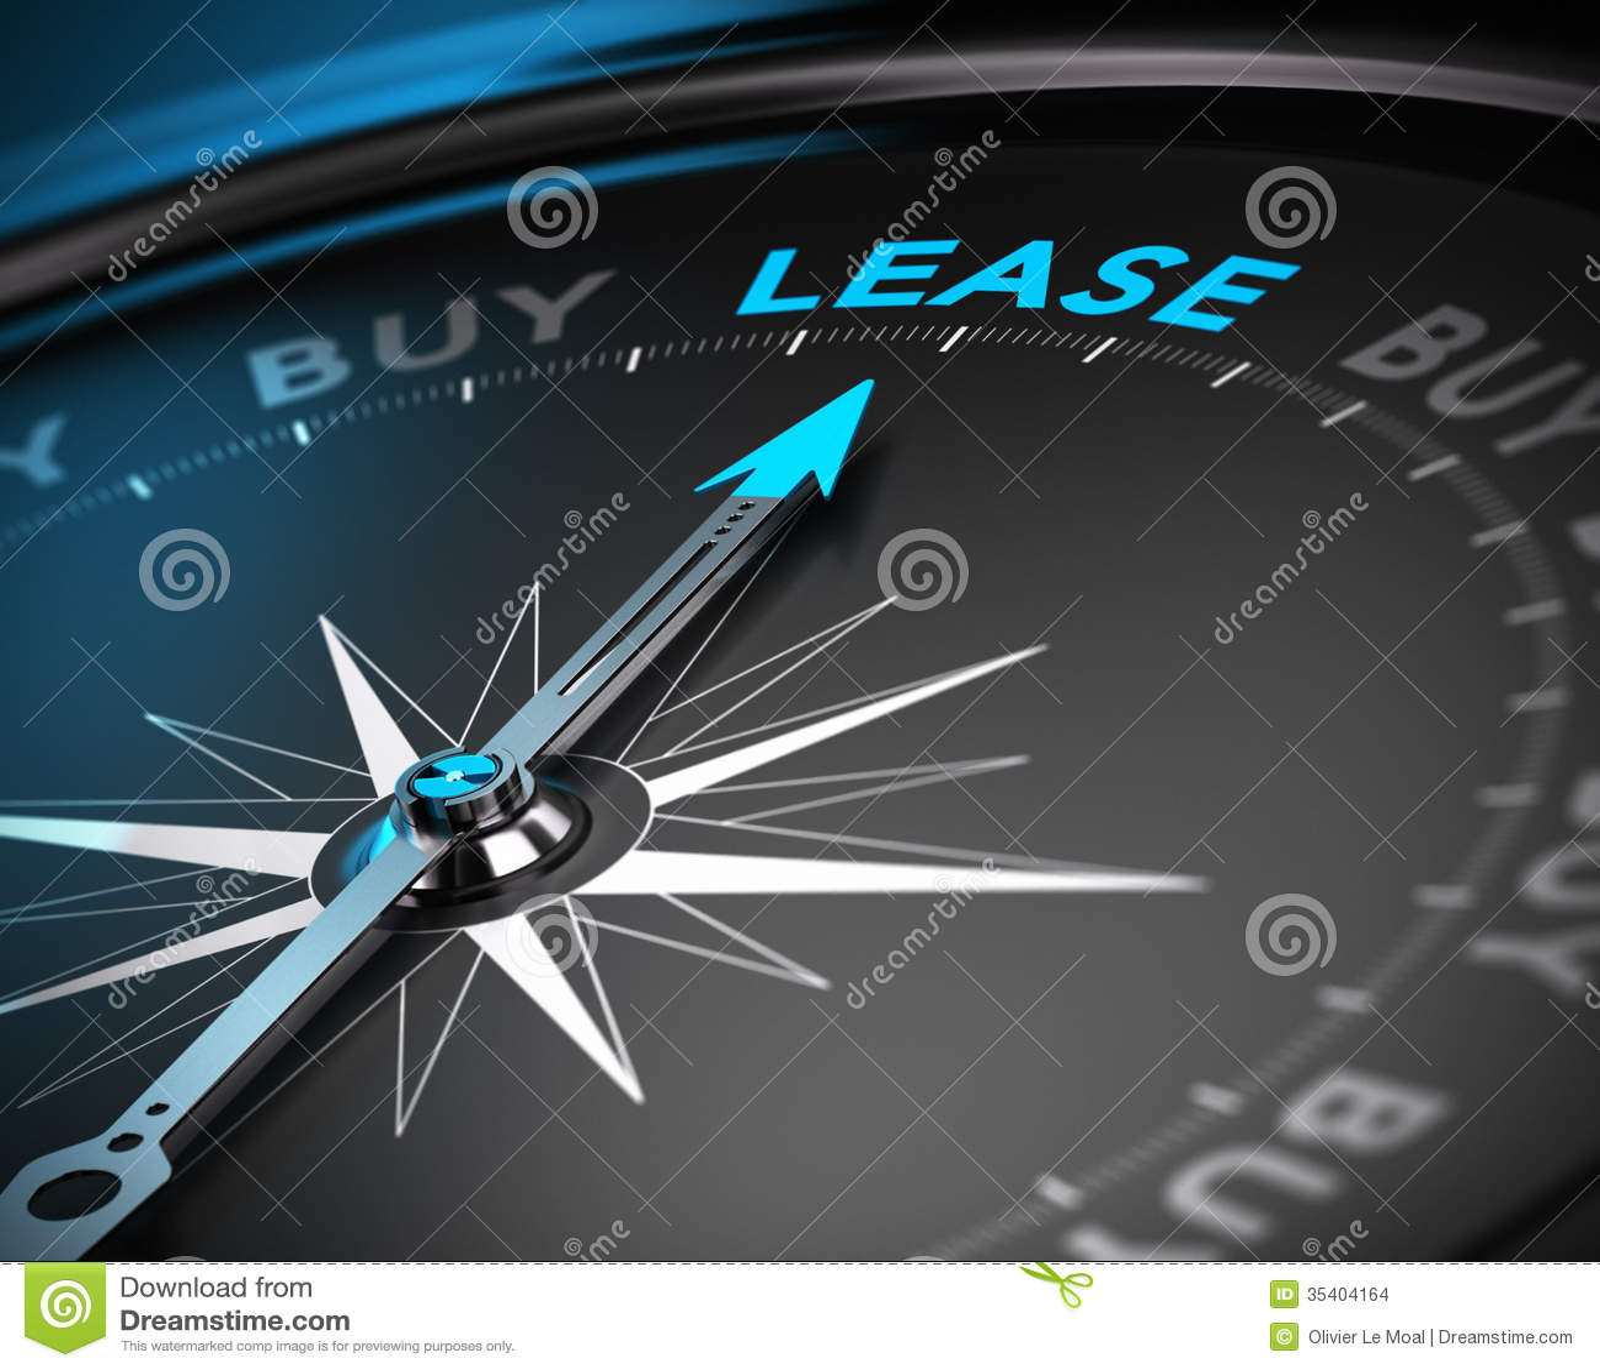 car buy vs lease